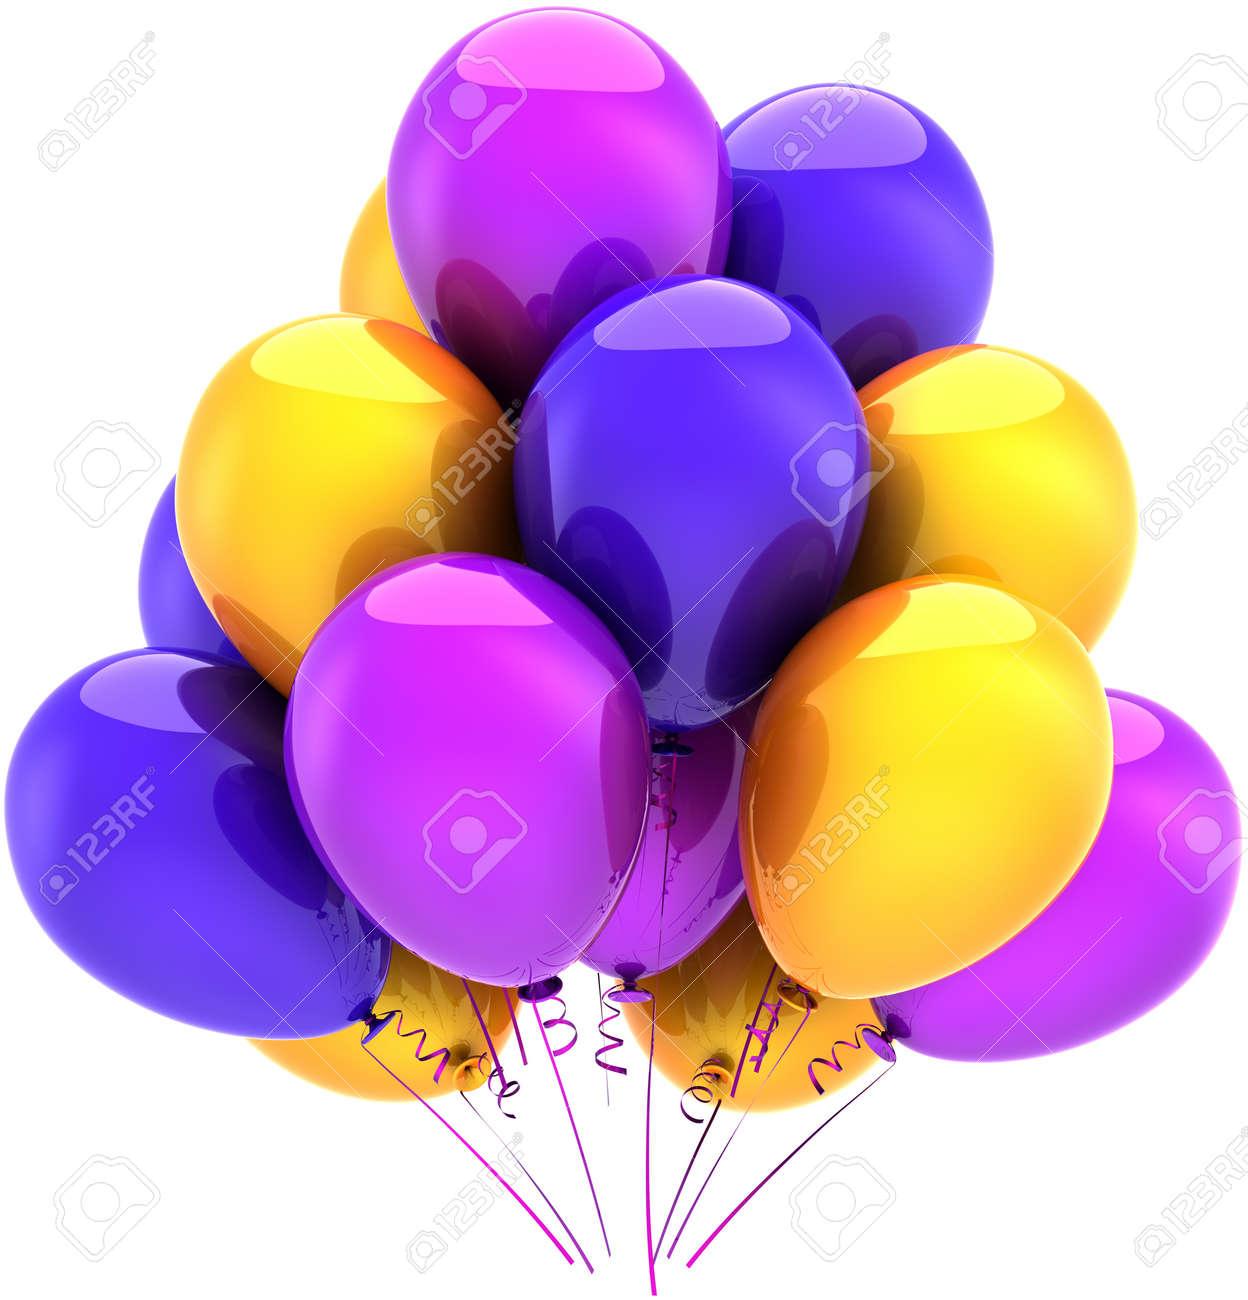 tout est multicolore - Page 2 10491797-Ballons-anniversaire-parti-d-coration-multicolore-bleu-pourpre-jaune-R-sum-des-vacances-heureuses-Co-Banque-d'images